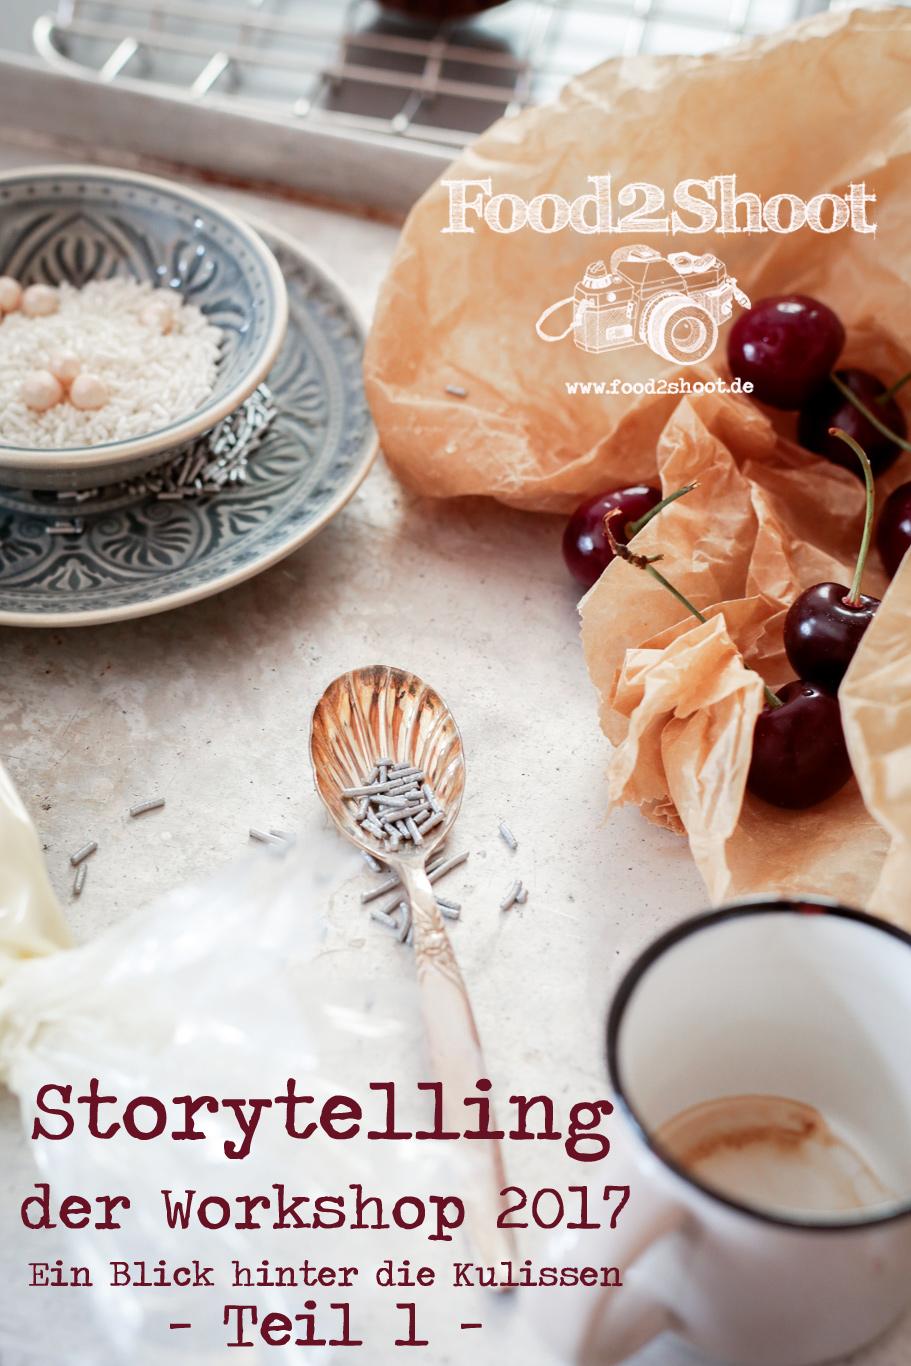 Storytelling – der Workshops 2017 … ein Blick hinter die Kulissen – Teil 1 –